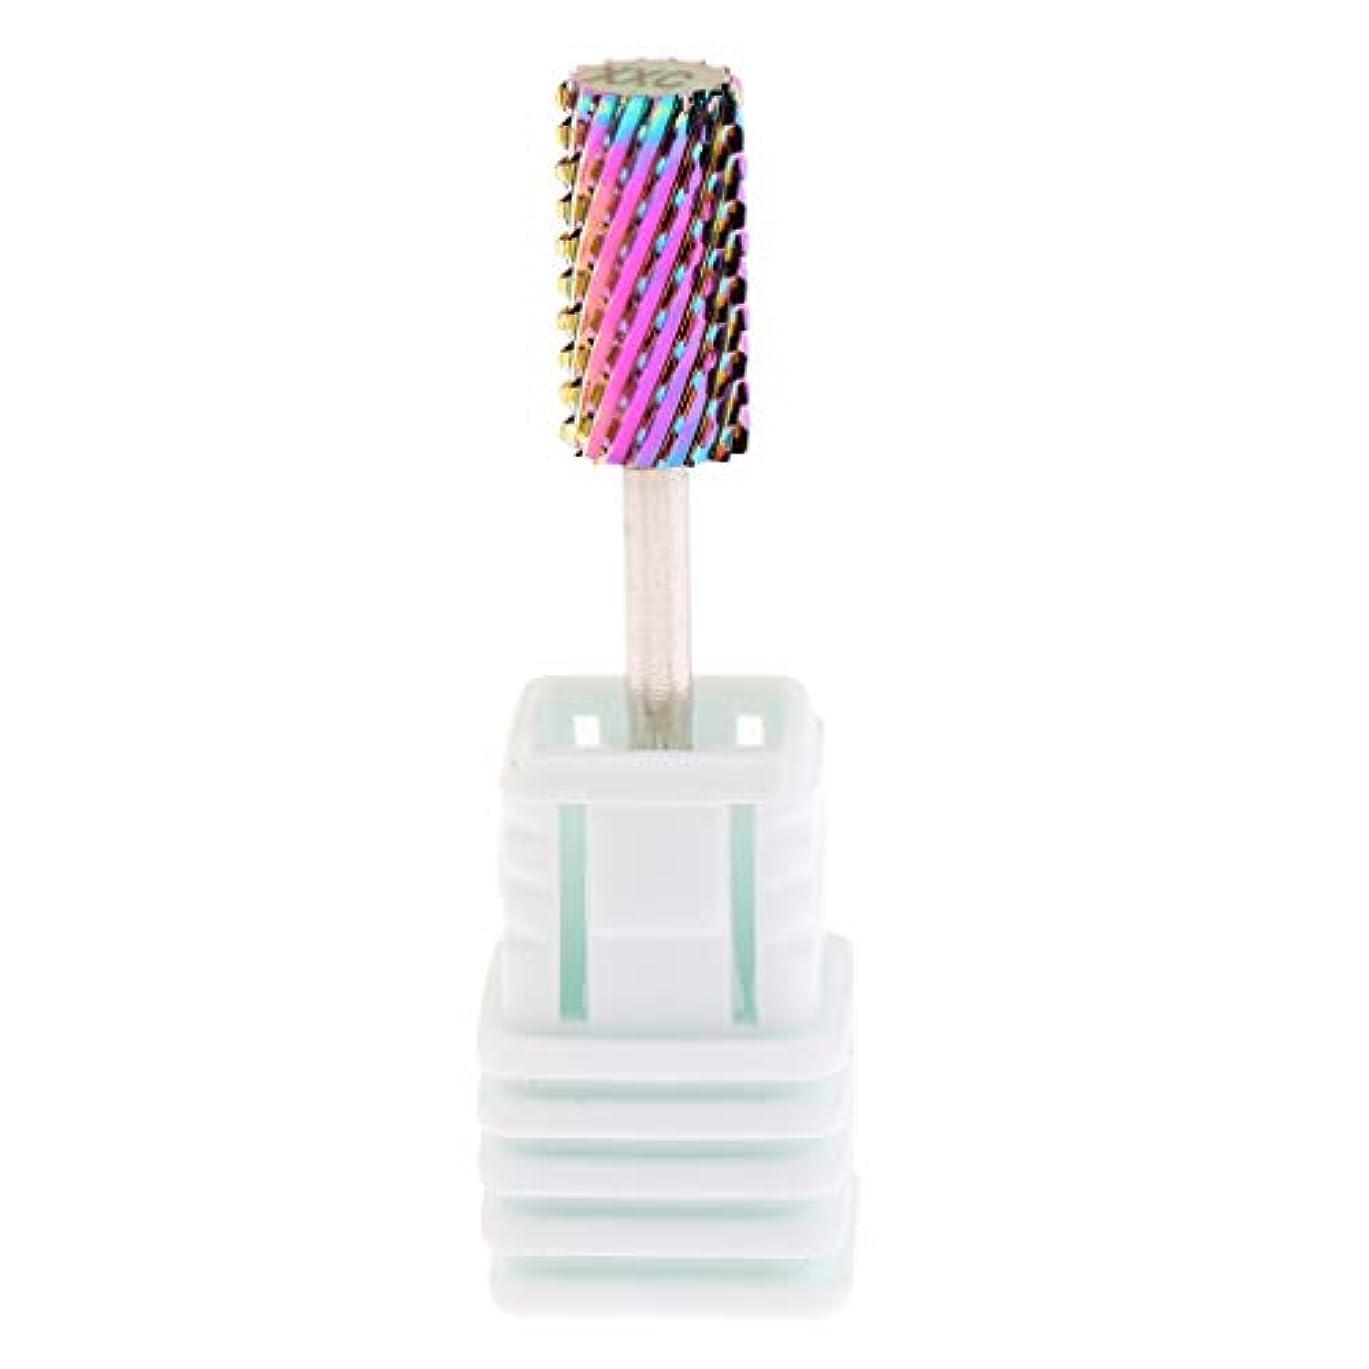 骨の折れる役職拡大するプロバリ電気ネイルドリルビット炭化タングステンダイヤモンドヘッドマニキュアツール - 3XC